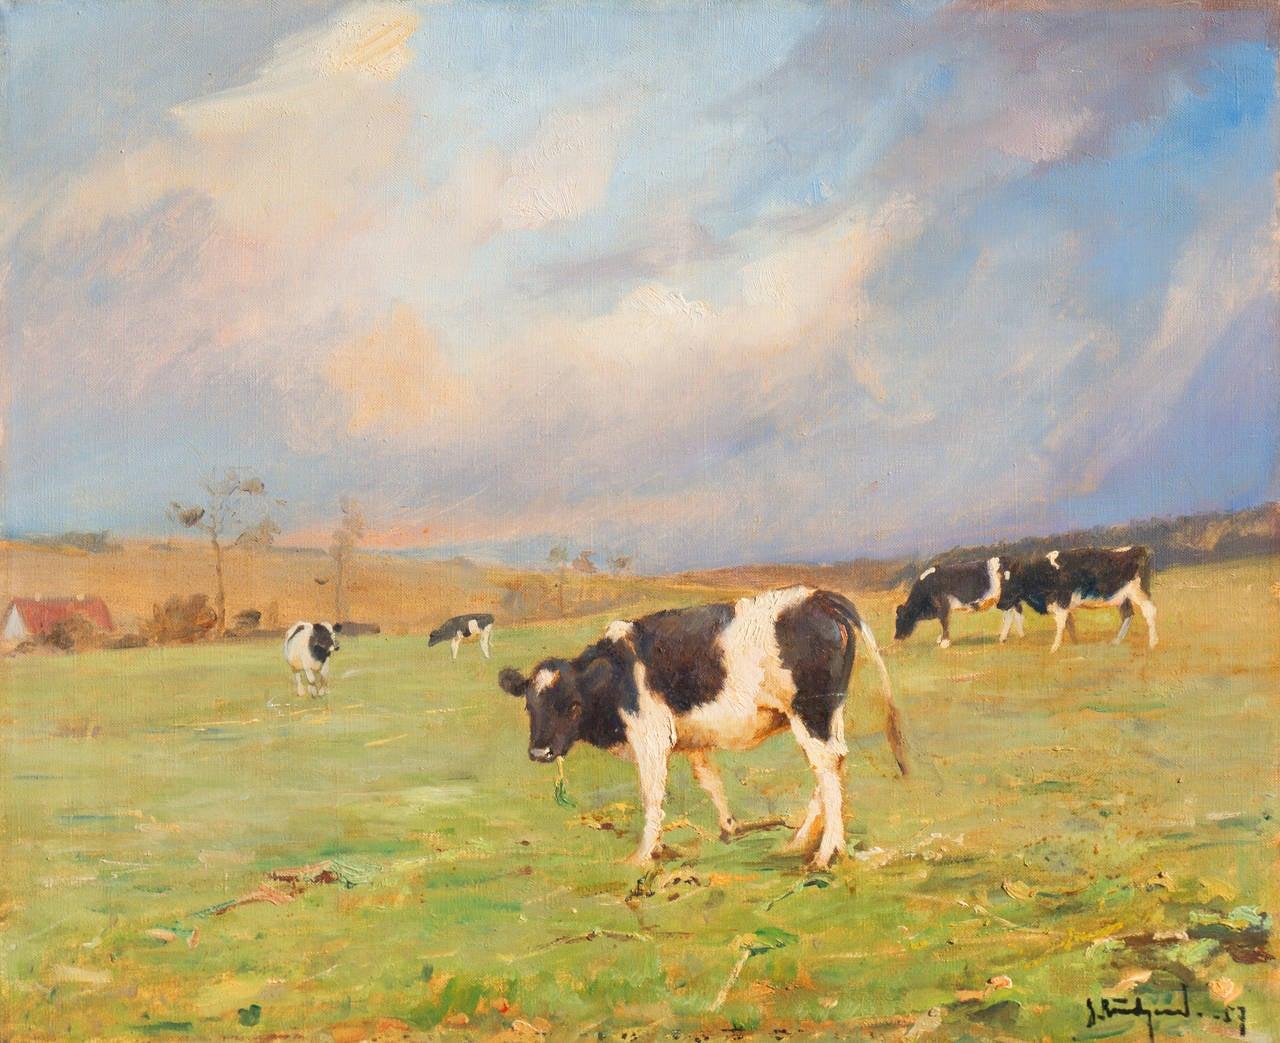 'Cattle at Pasture', Danish Impressionist Landscape oil, Paris, France